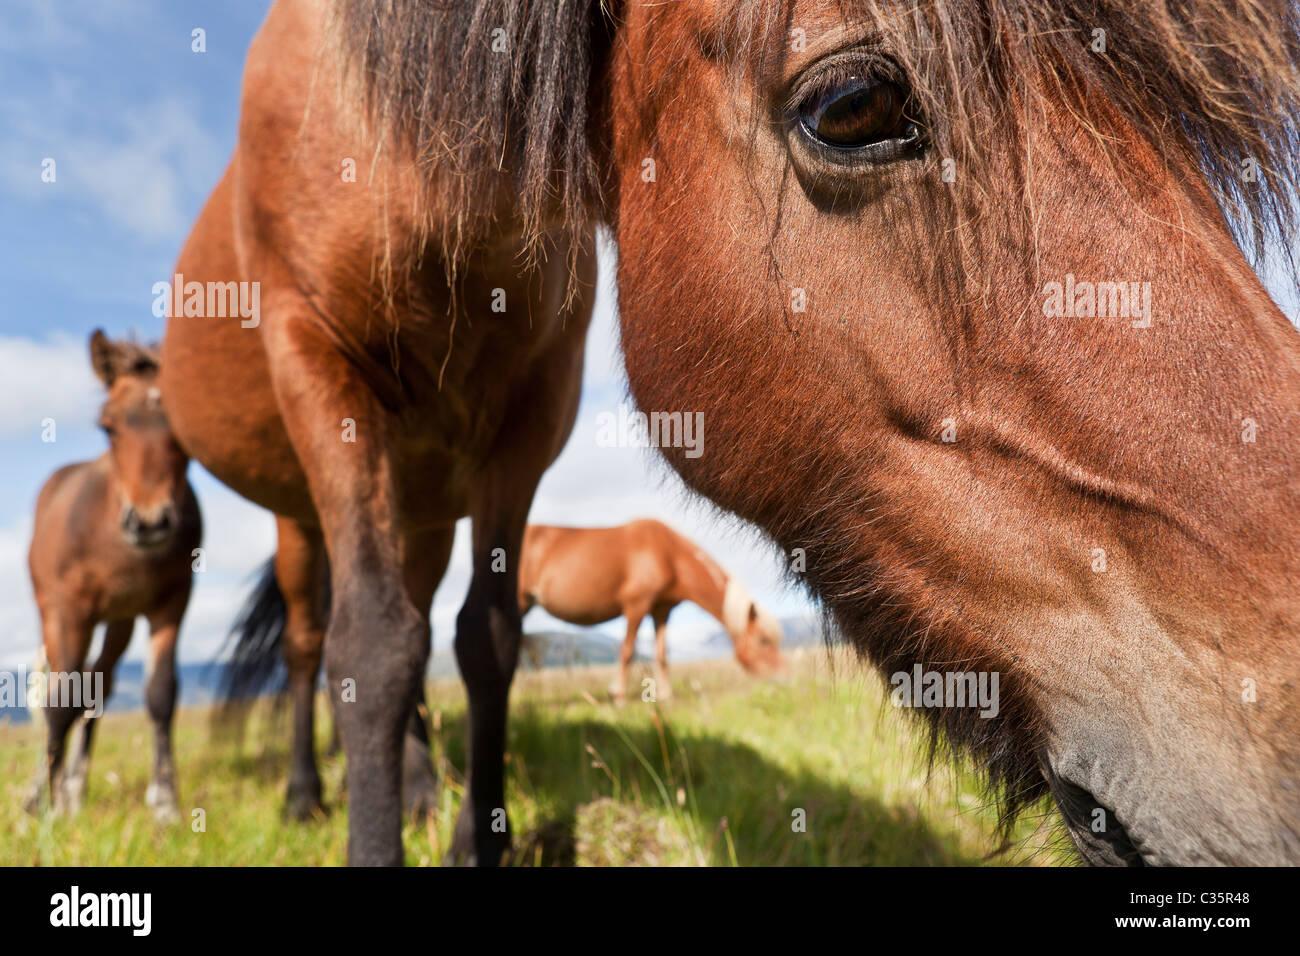 Caballos islandeses, Islandia Imagen De Stock